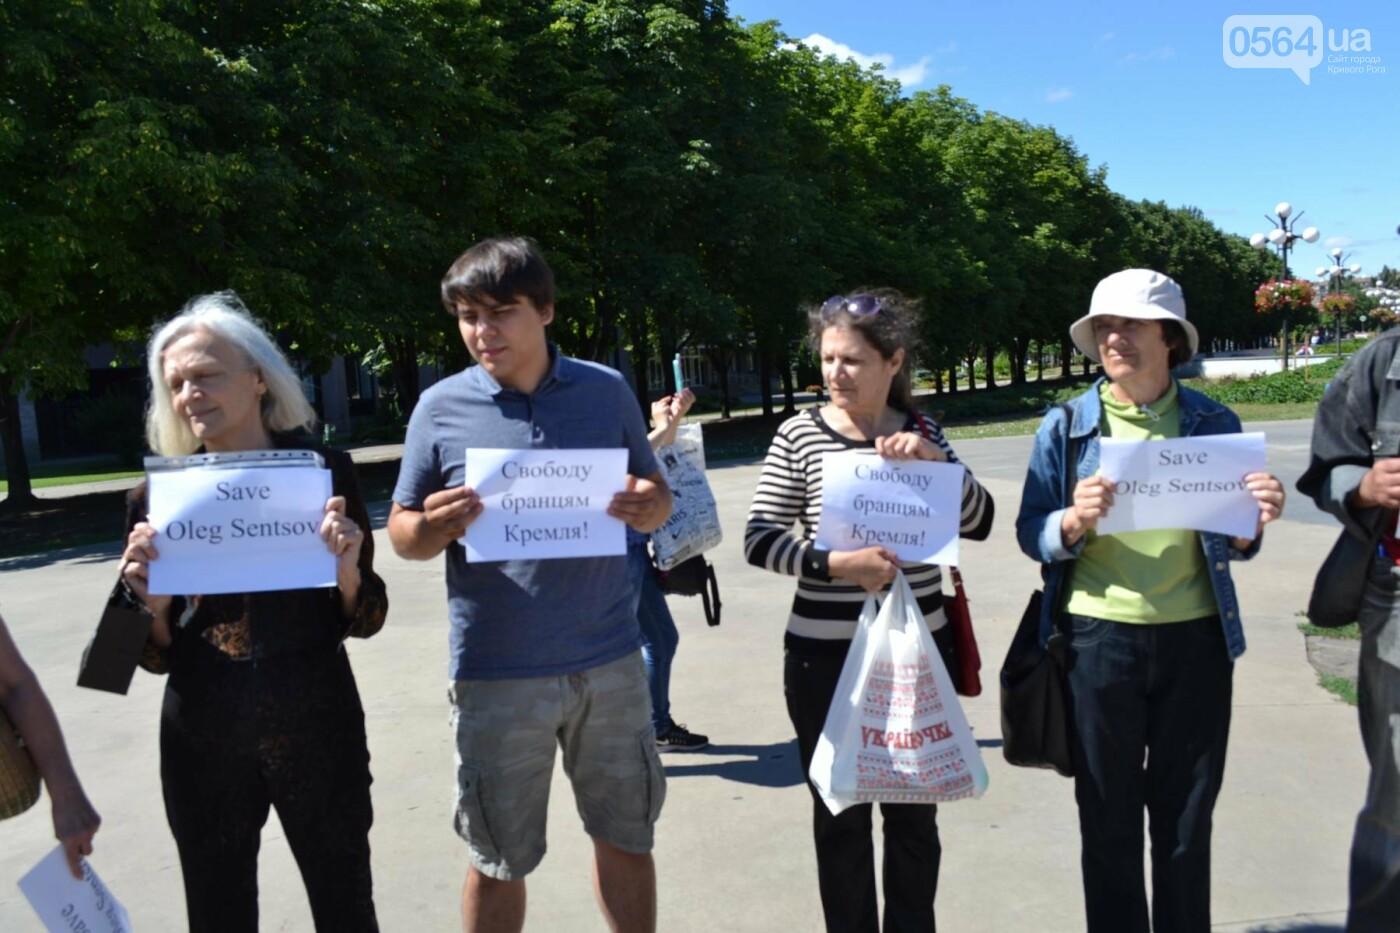 Криворожане вышли на всемирную акцию FreeSentsov, - ФОТО, ВИДЕО, фото-13